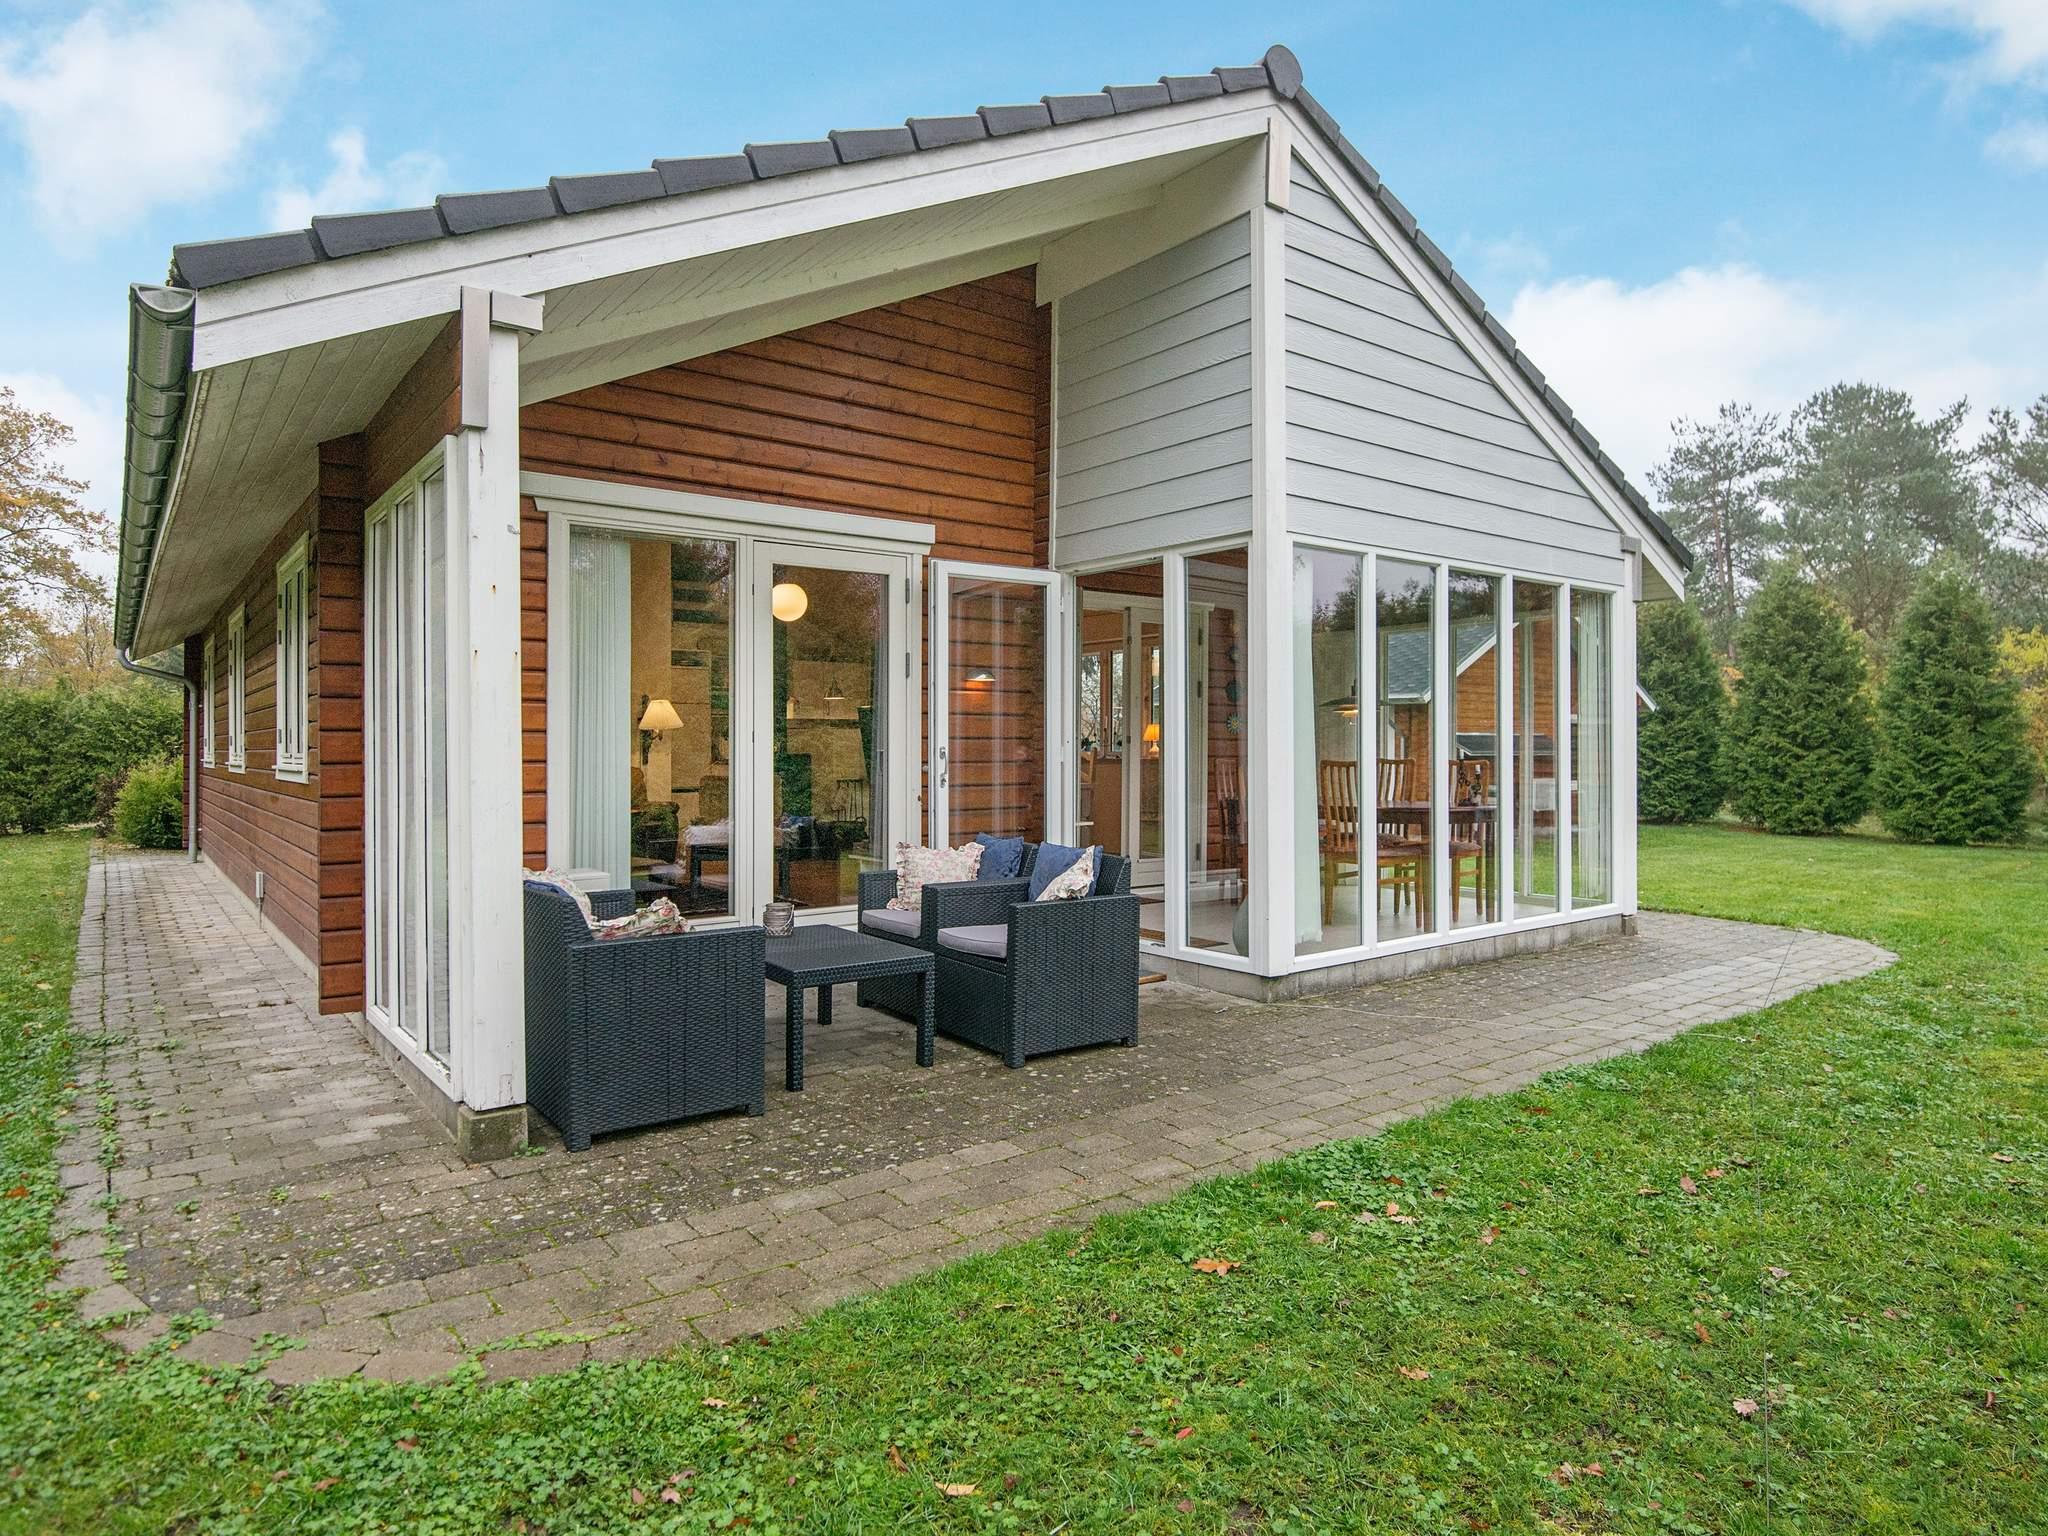 Ferienhaus Silkeborg (2523712), Silkeborg, , Ostjütland, Dänemark, Bild 15